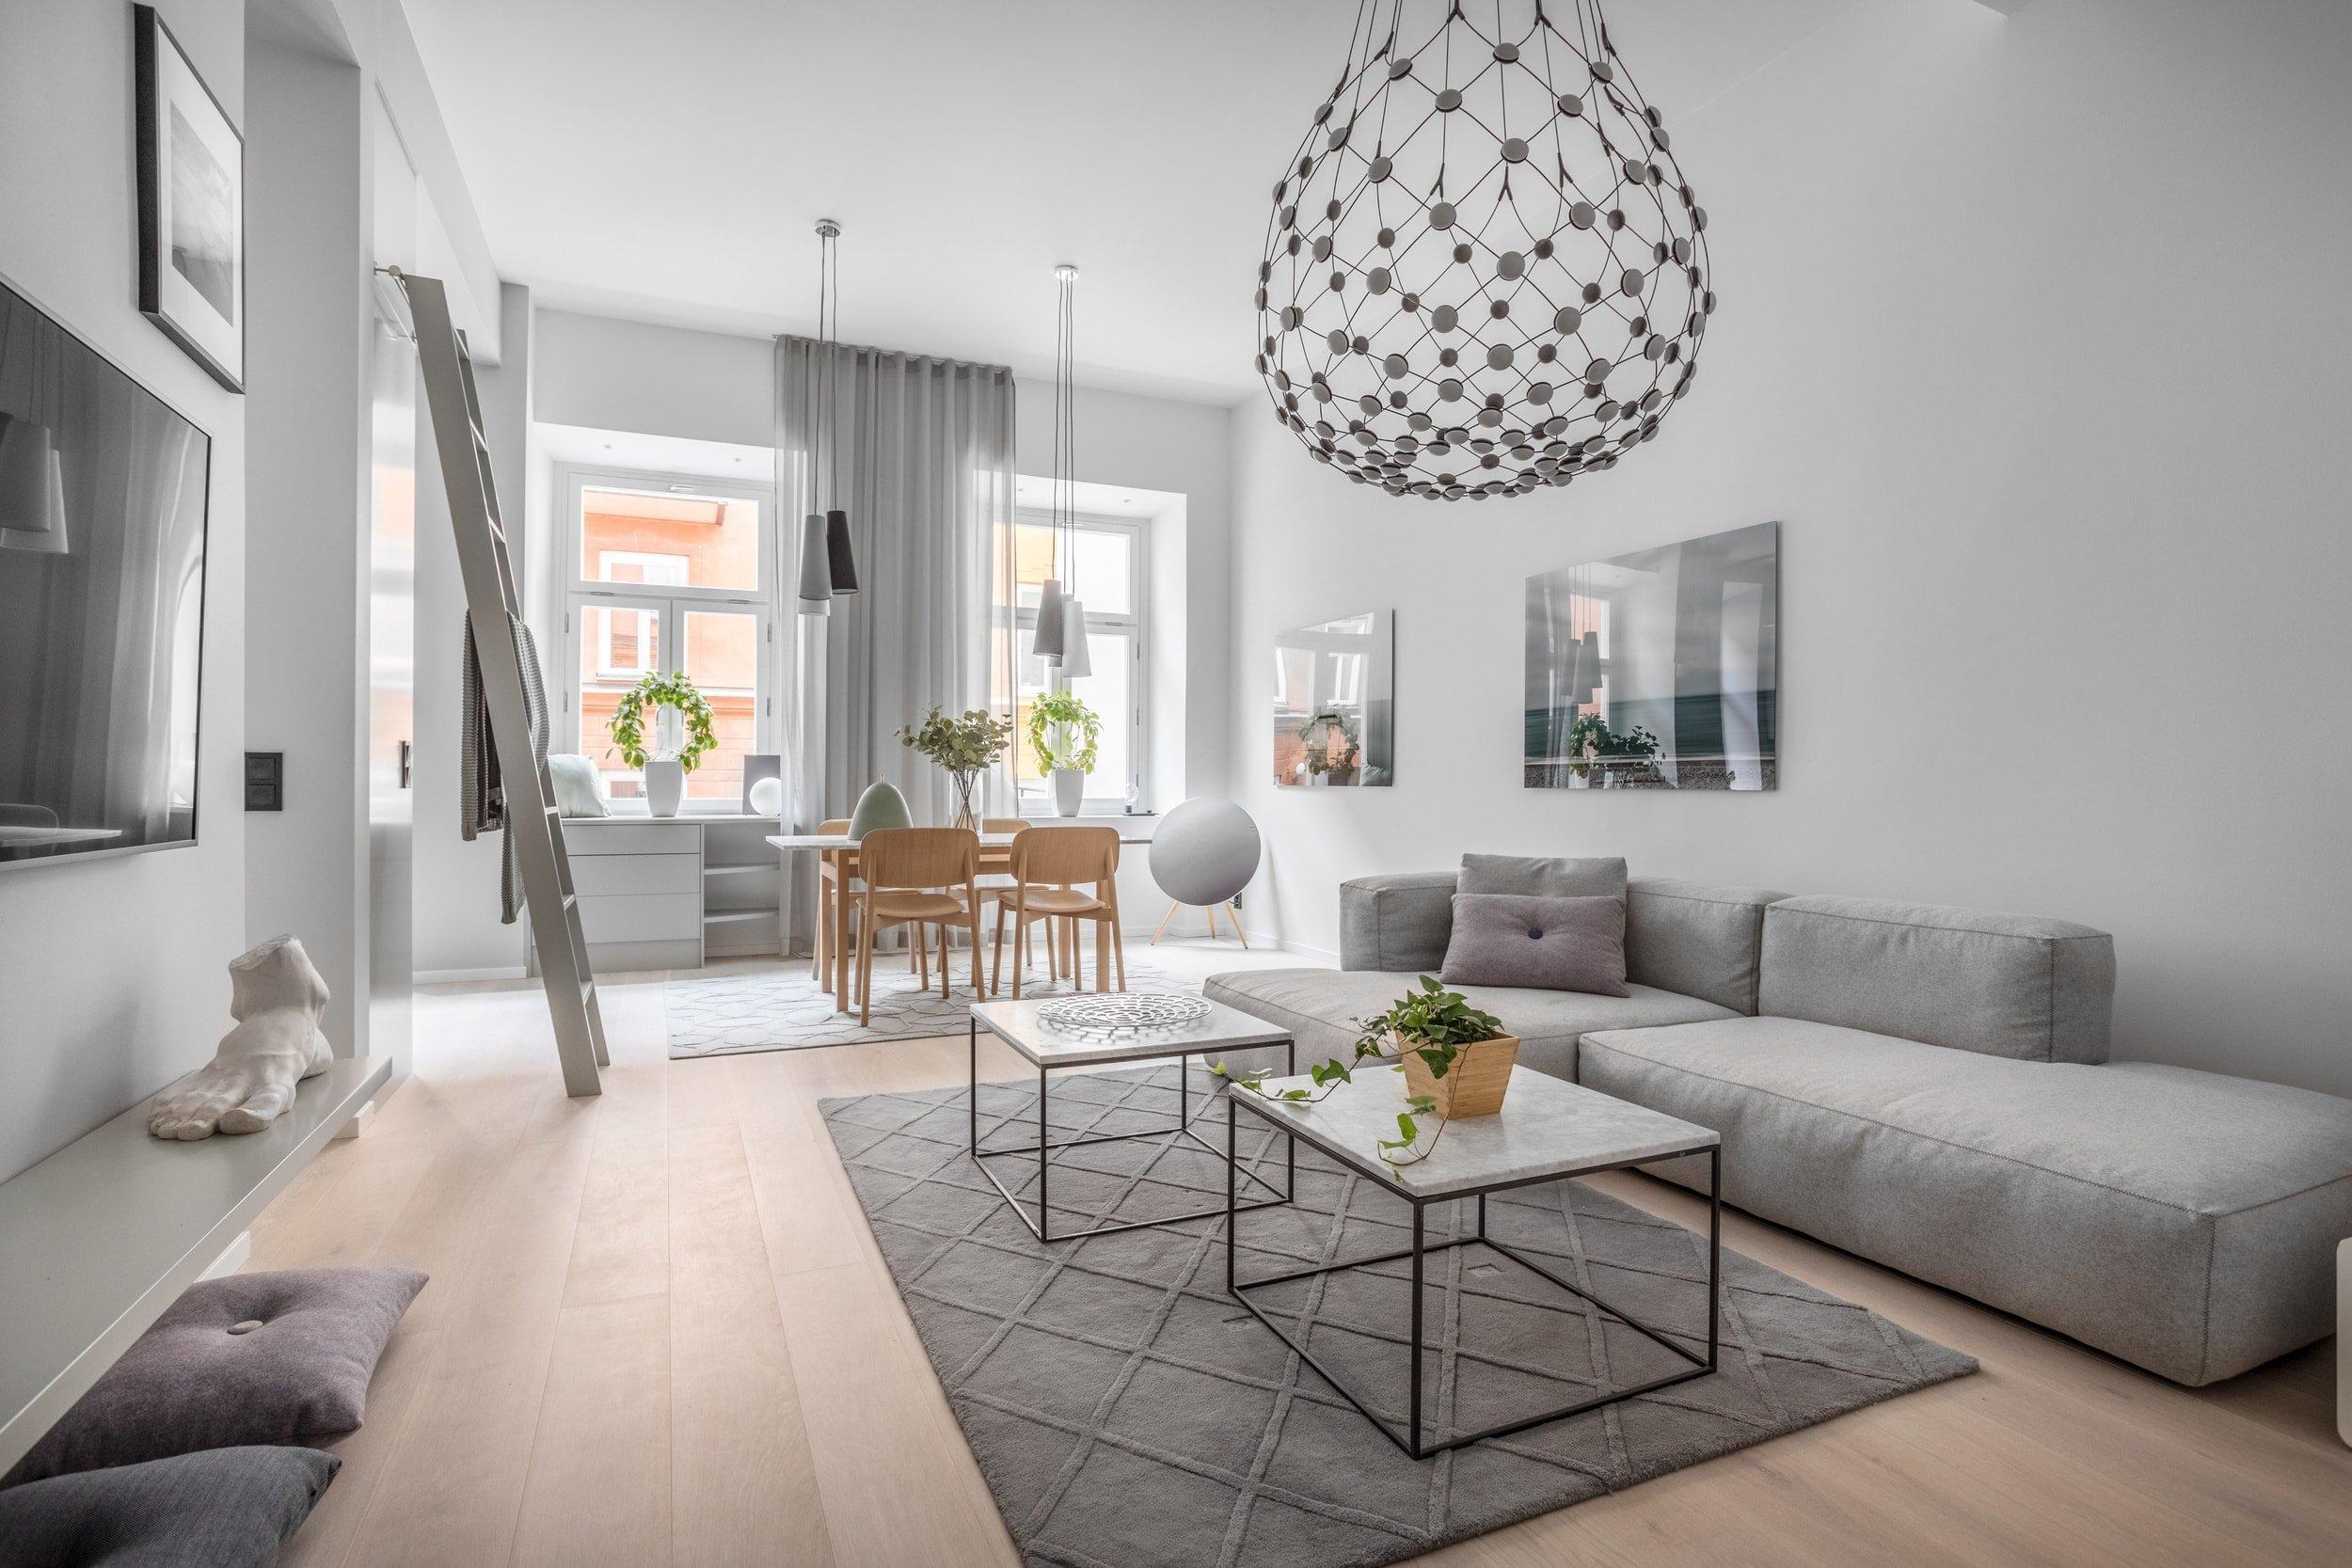 Termín skandinávský design neurčuje společný, či podobný design daných zemí. Jedná se spíše o marketingový nástroj, který má podporovat design severních lokalit. Je to spíše užitečný způsob, který zemím s geografickou blízkostí ulehčuje přístup na trh, přičemž tím zároveň umně maskuje skutečné národní designové odlišnosti?